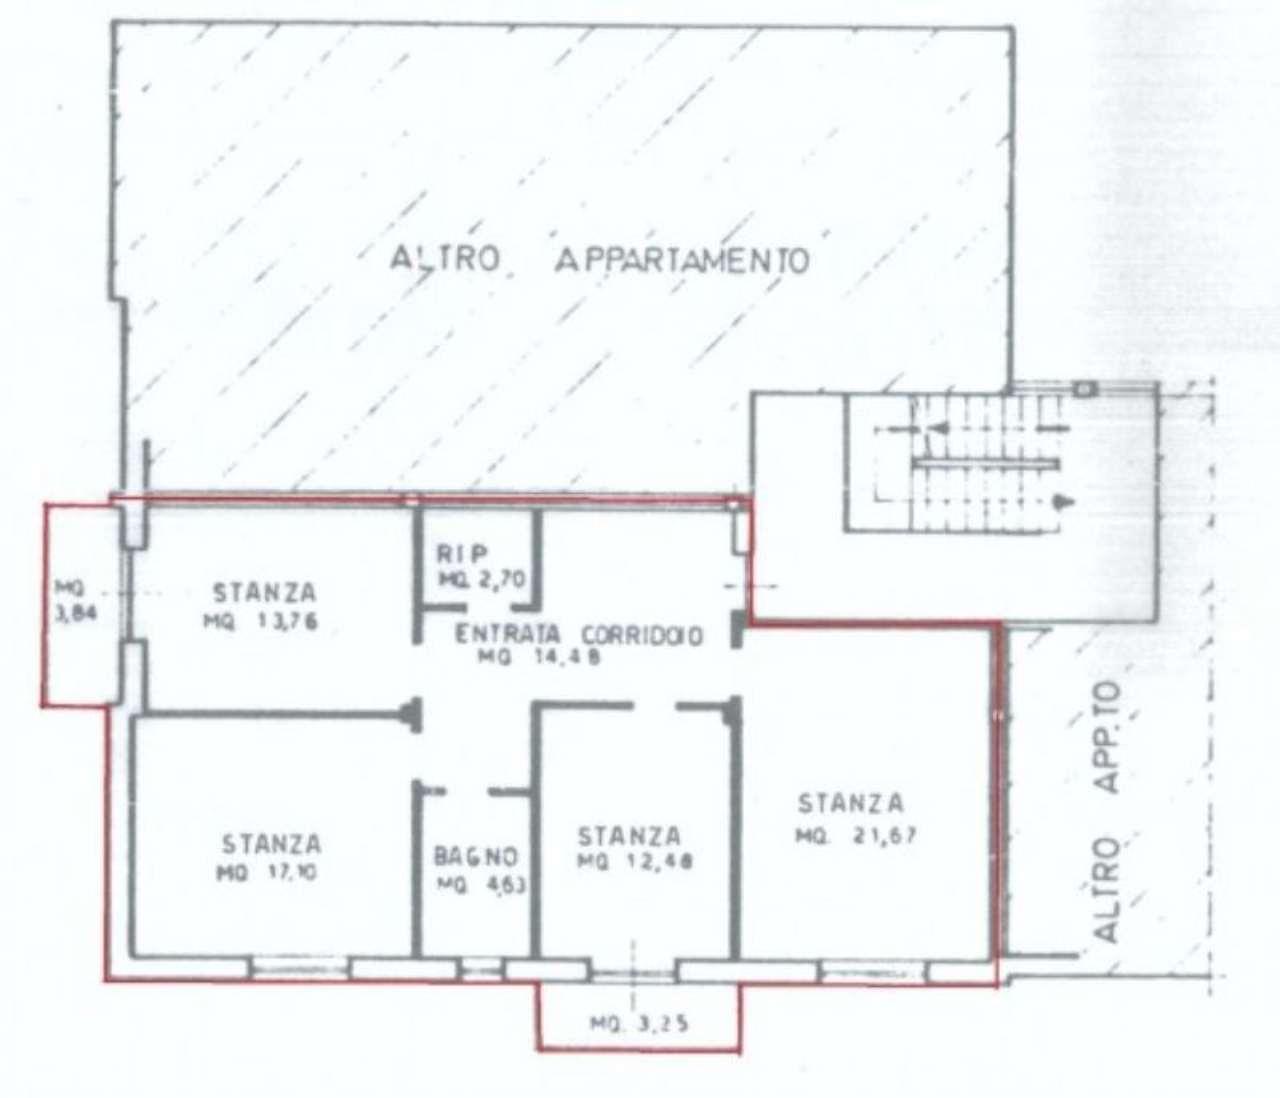 Negozio / Locale in vendita a Schio, 5 locali, prezzo € 110.000 | Cambio Casa.it